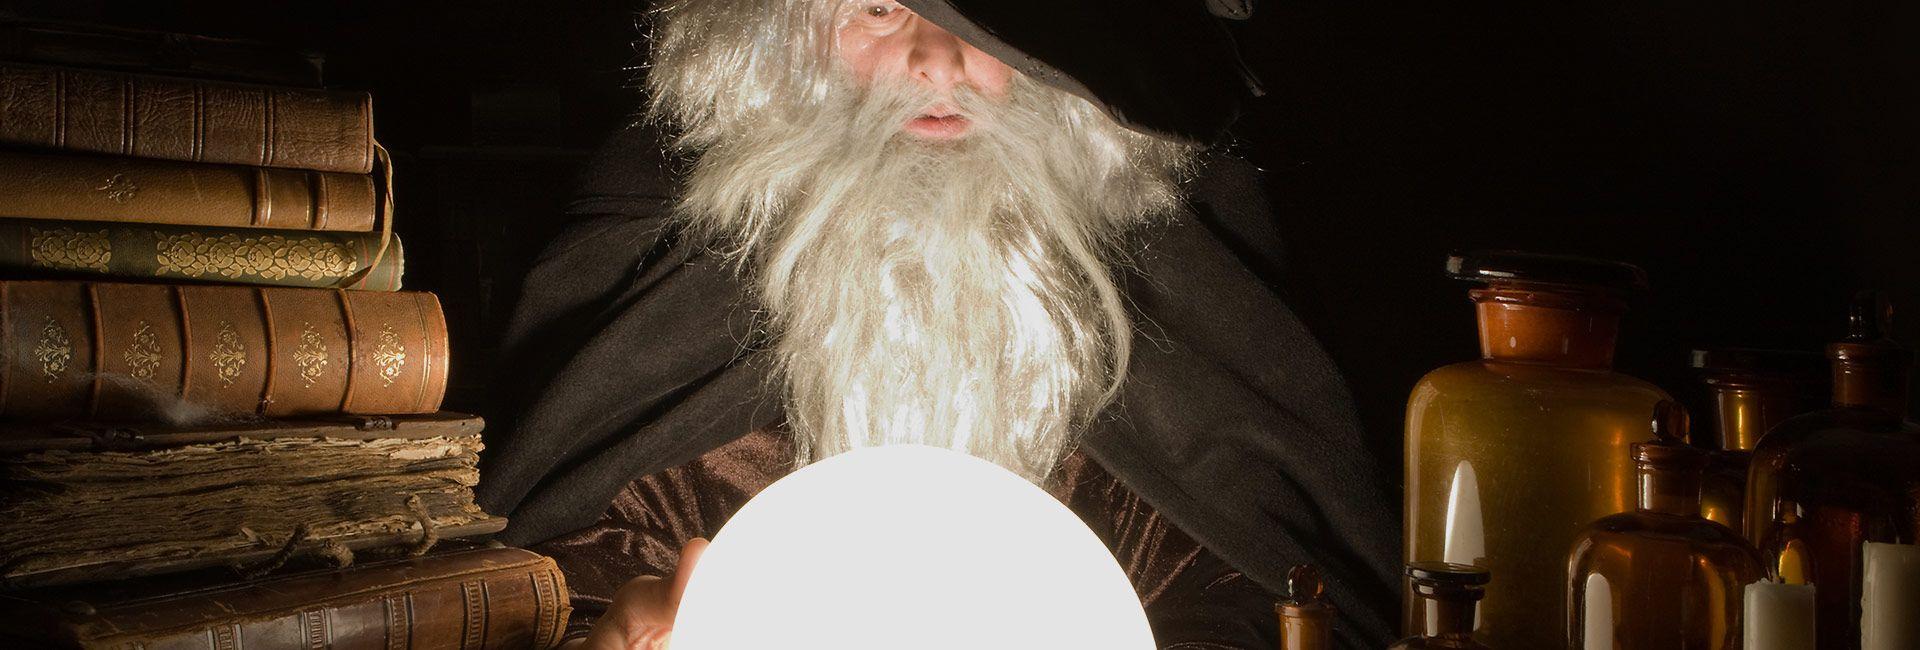 sorcerers apprenticeship